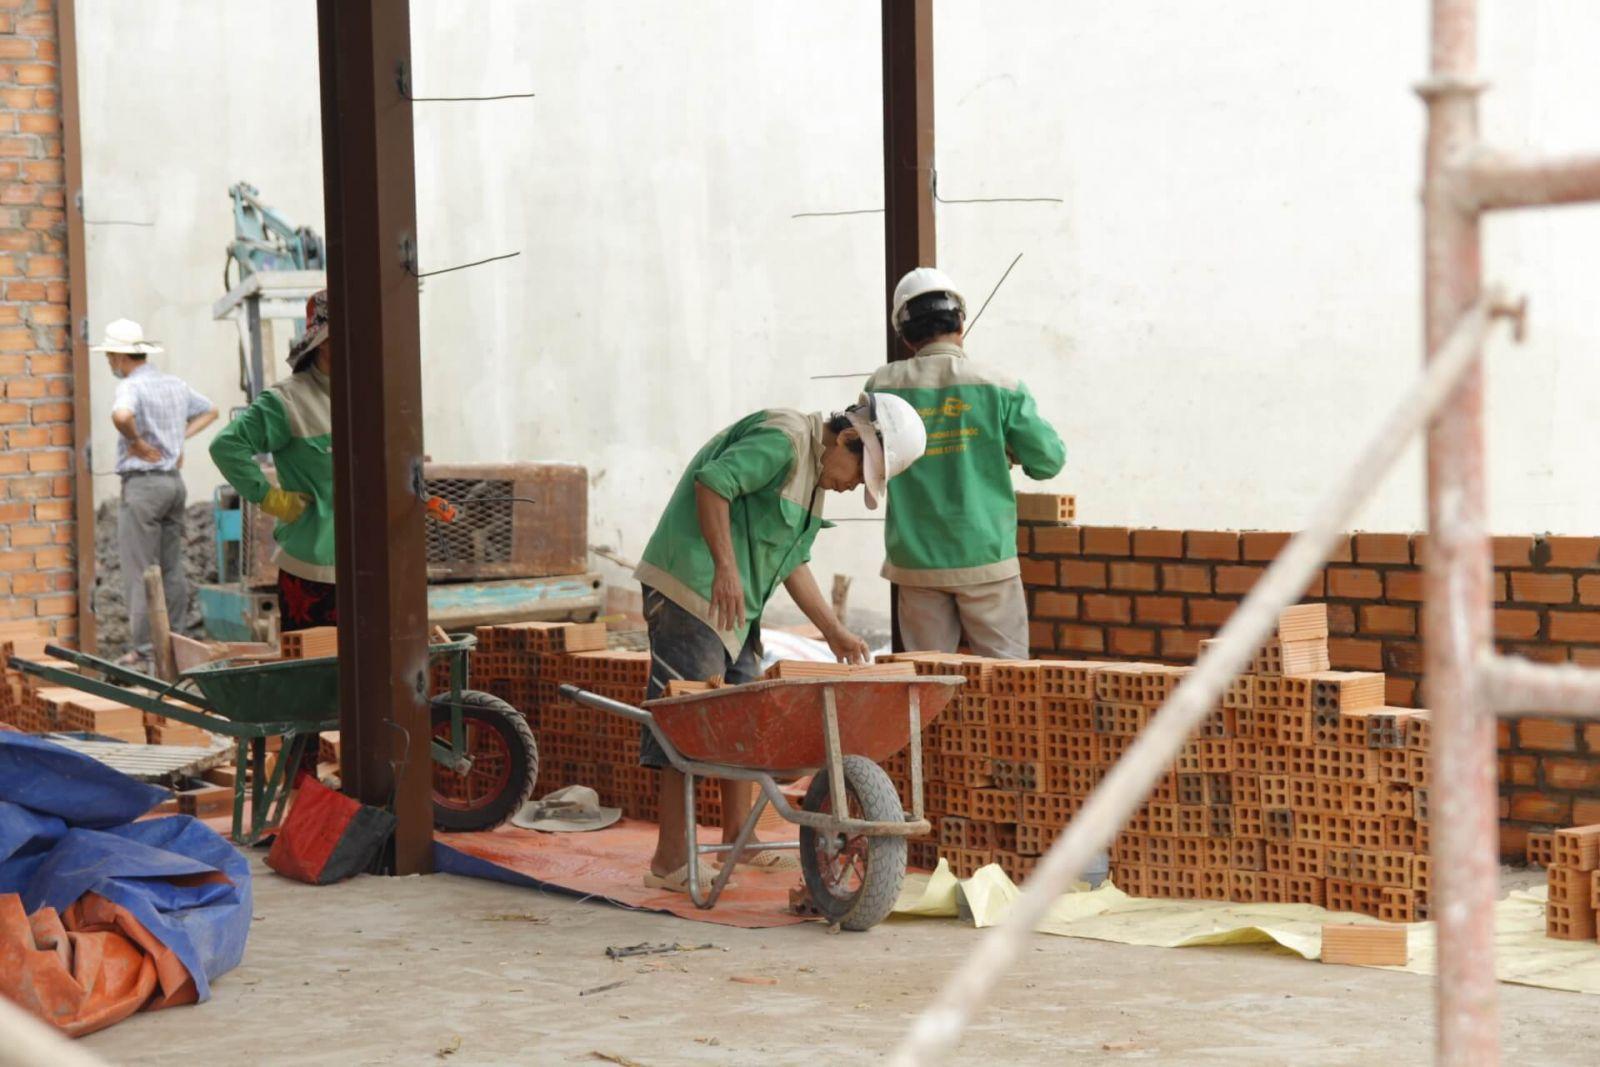 qua-trinh-thi-cong-van-phong-pcm-workshop-13